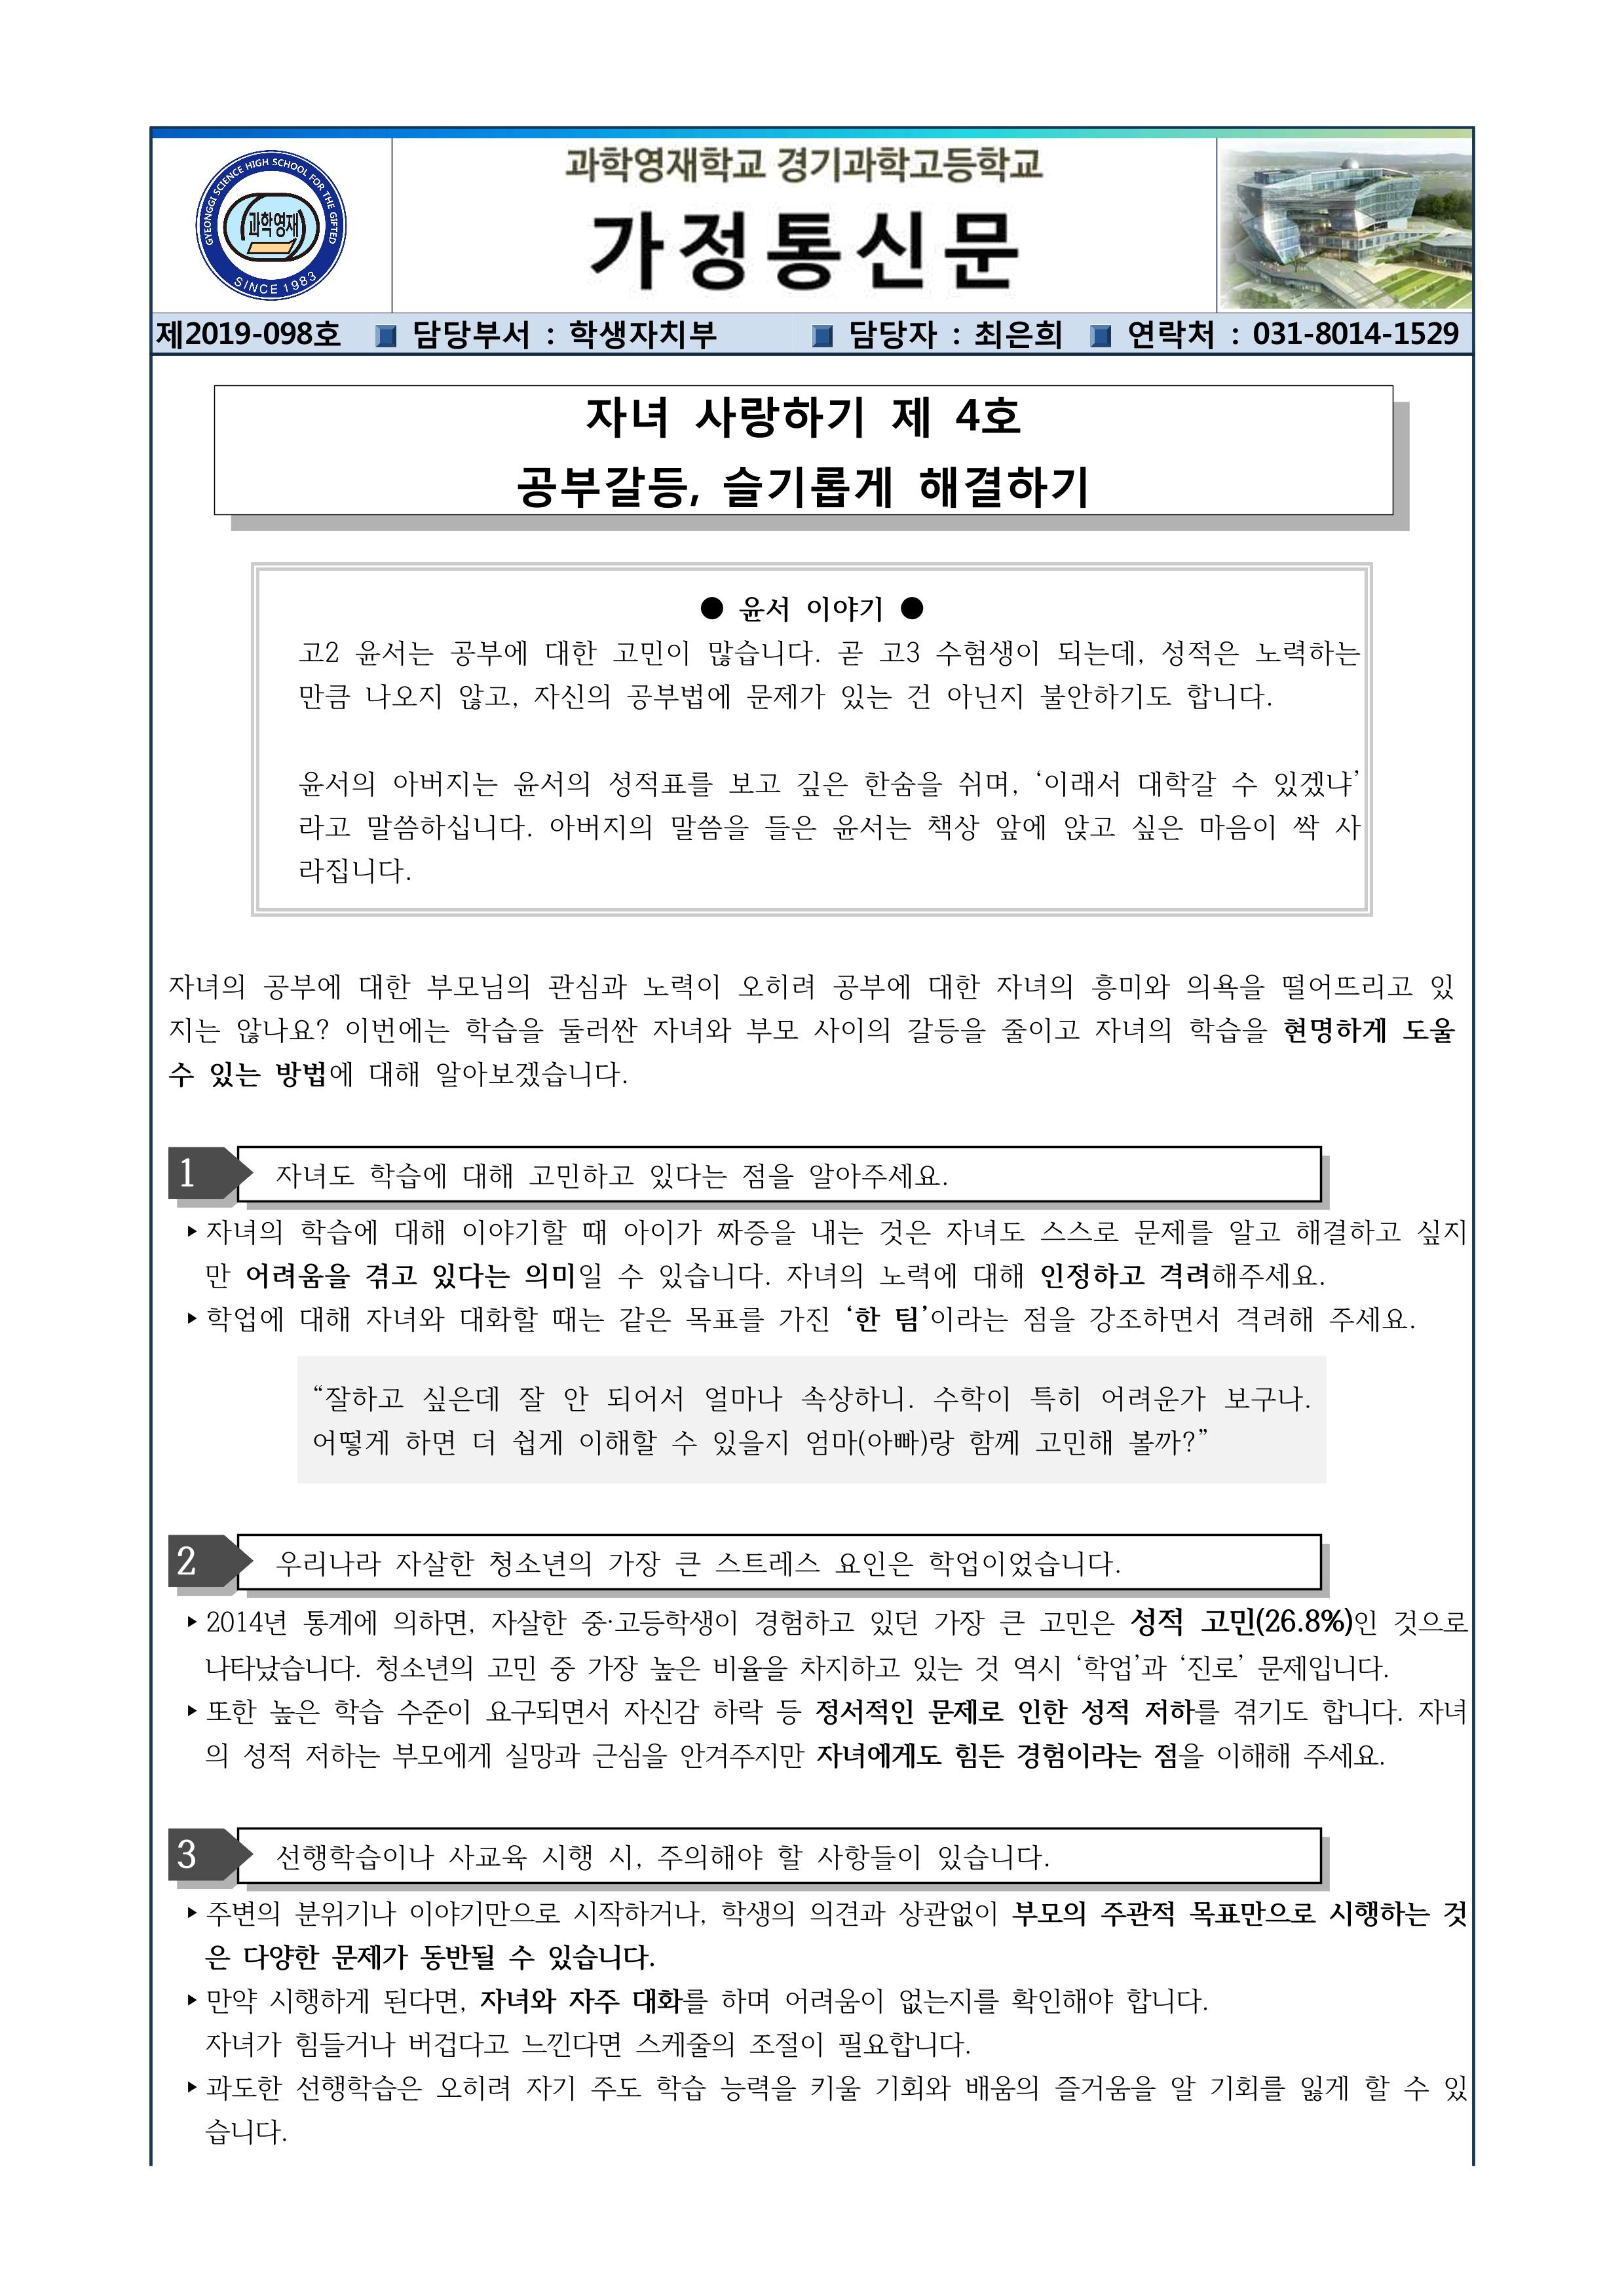 뉴스레터 자녀사랑하기 제2019-4호 가정통신문 0Page.